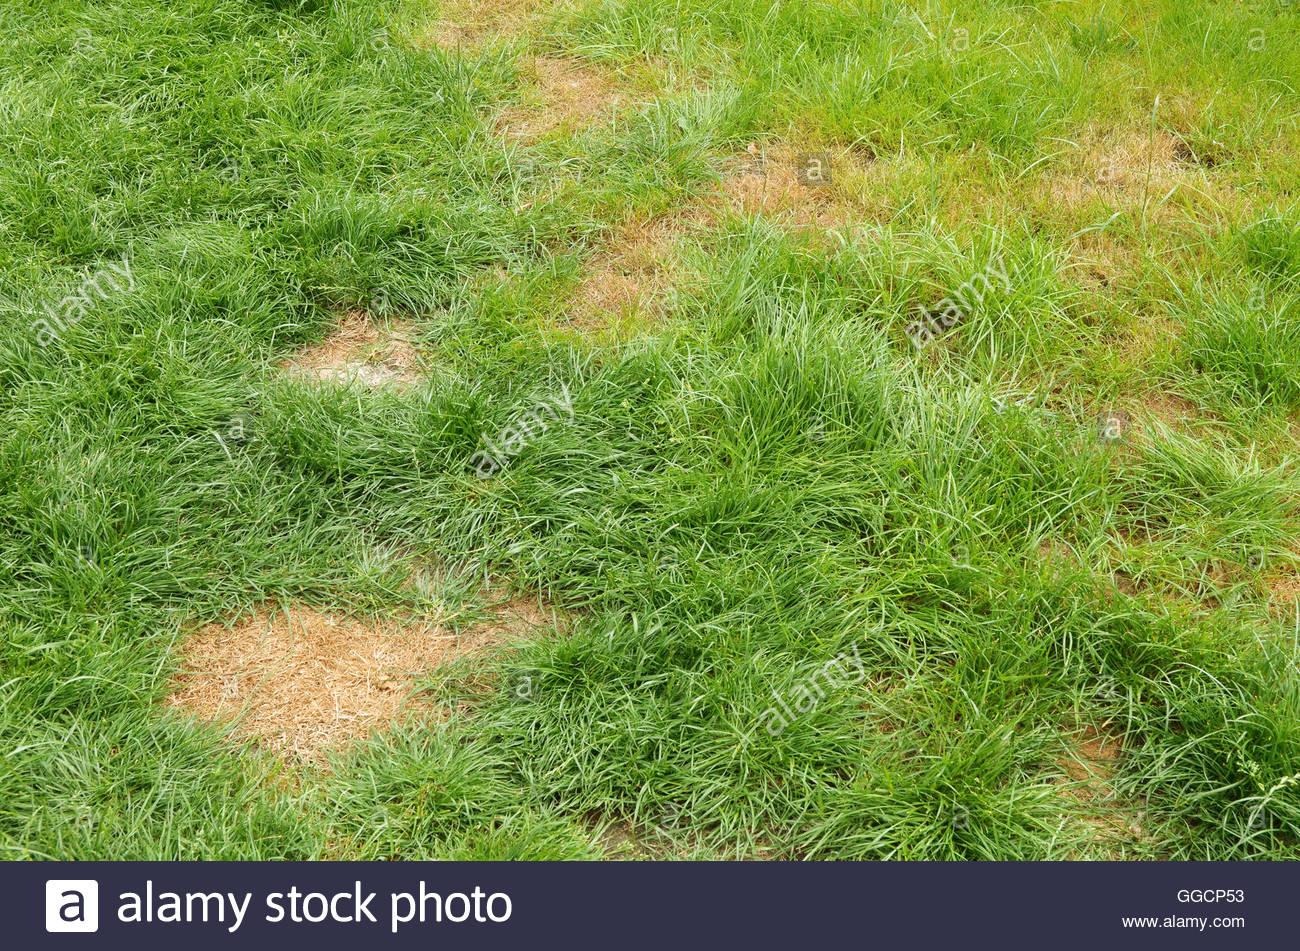 Fabelhaft Liegewiese mit braunen Flecken auf dem Rasen verursacht durch #AO_28